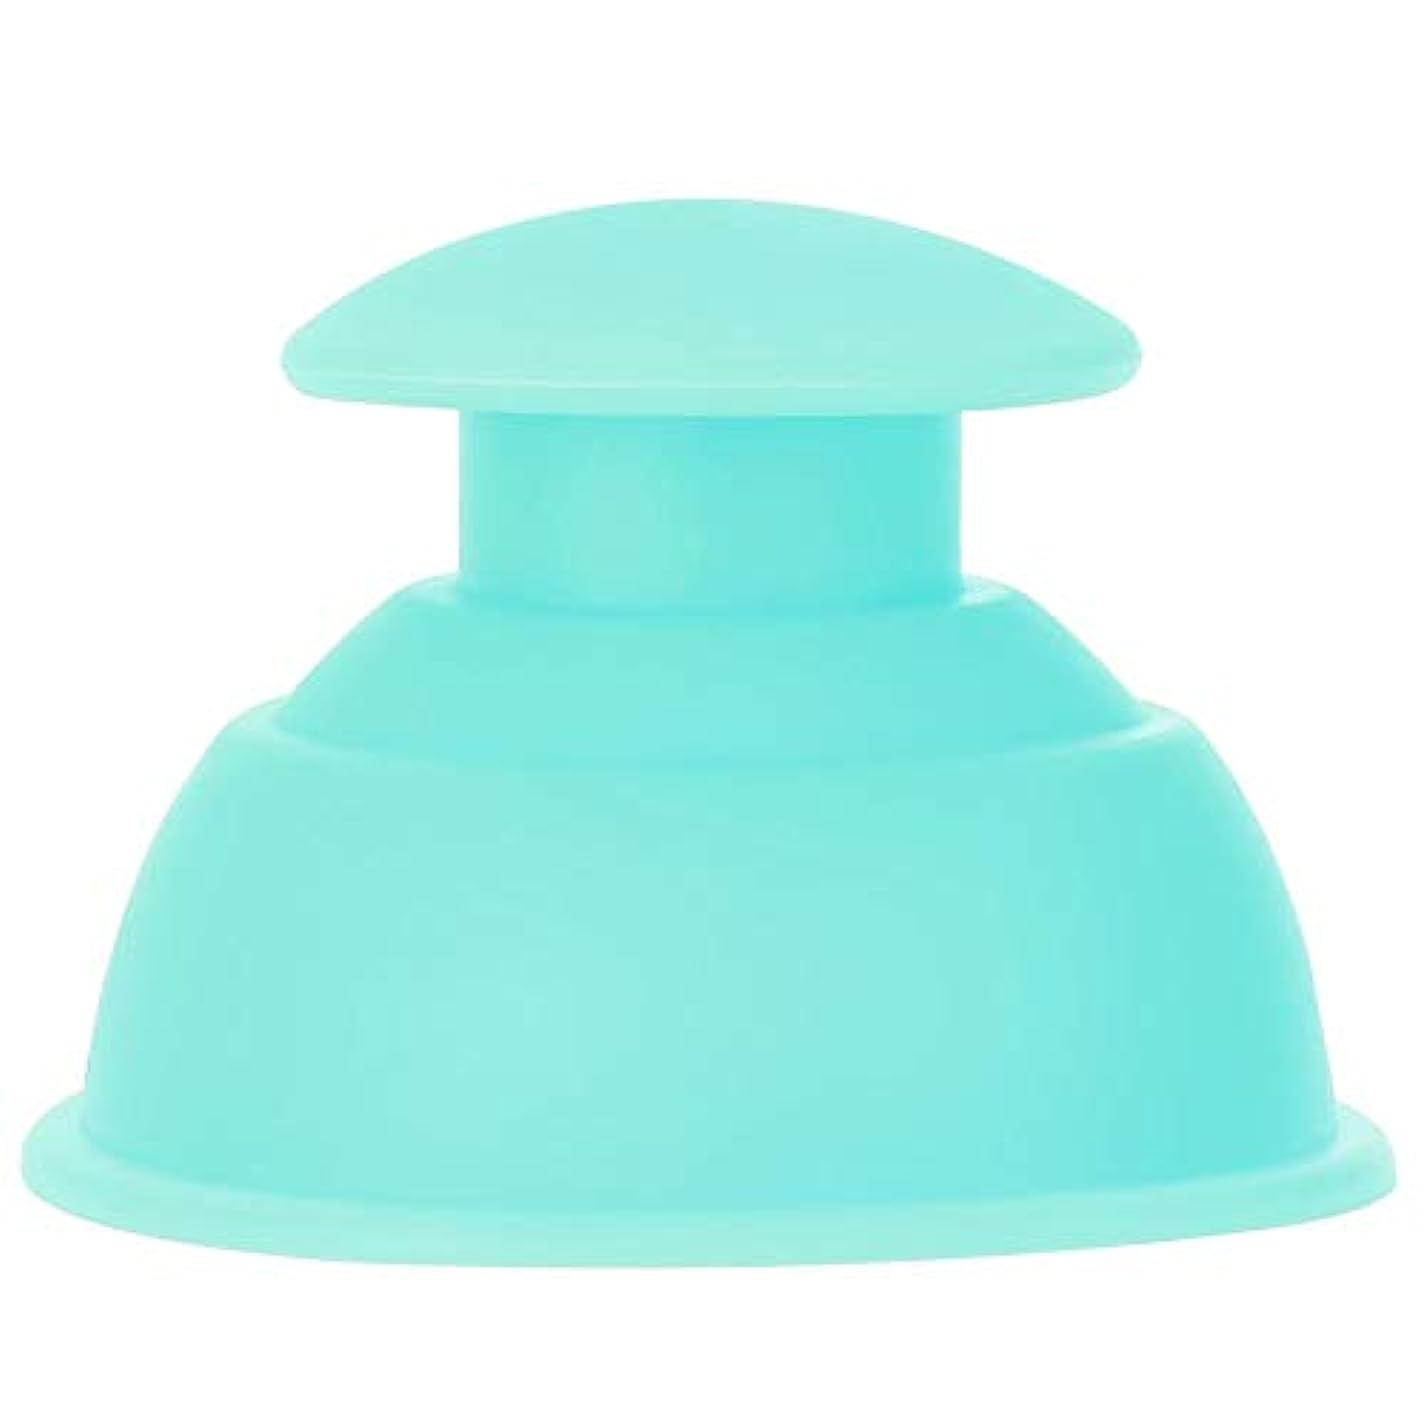 パトロン違う弱める7種類のカッピングカップマッサージセット、シリコーン水分吸収剤アンチセルライトバキュームによる 全身疲れの緩和(グリーン)